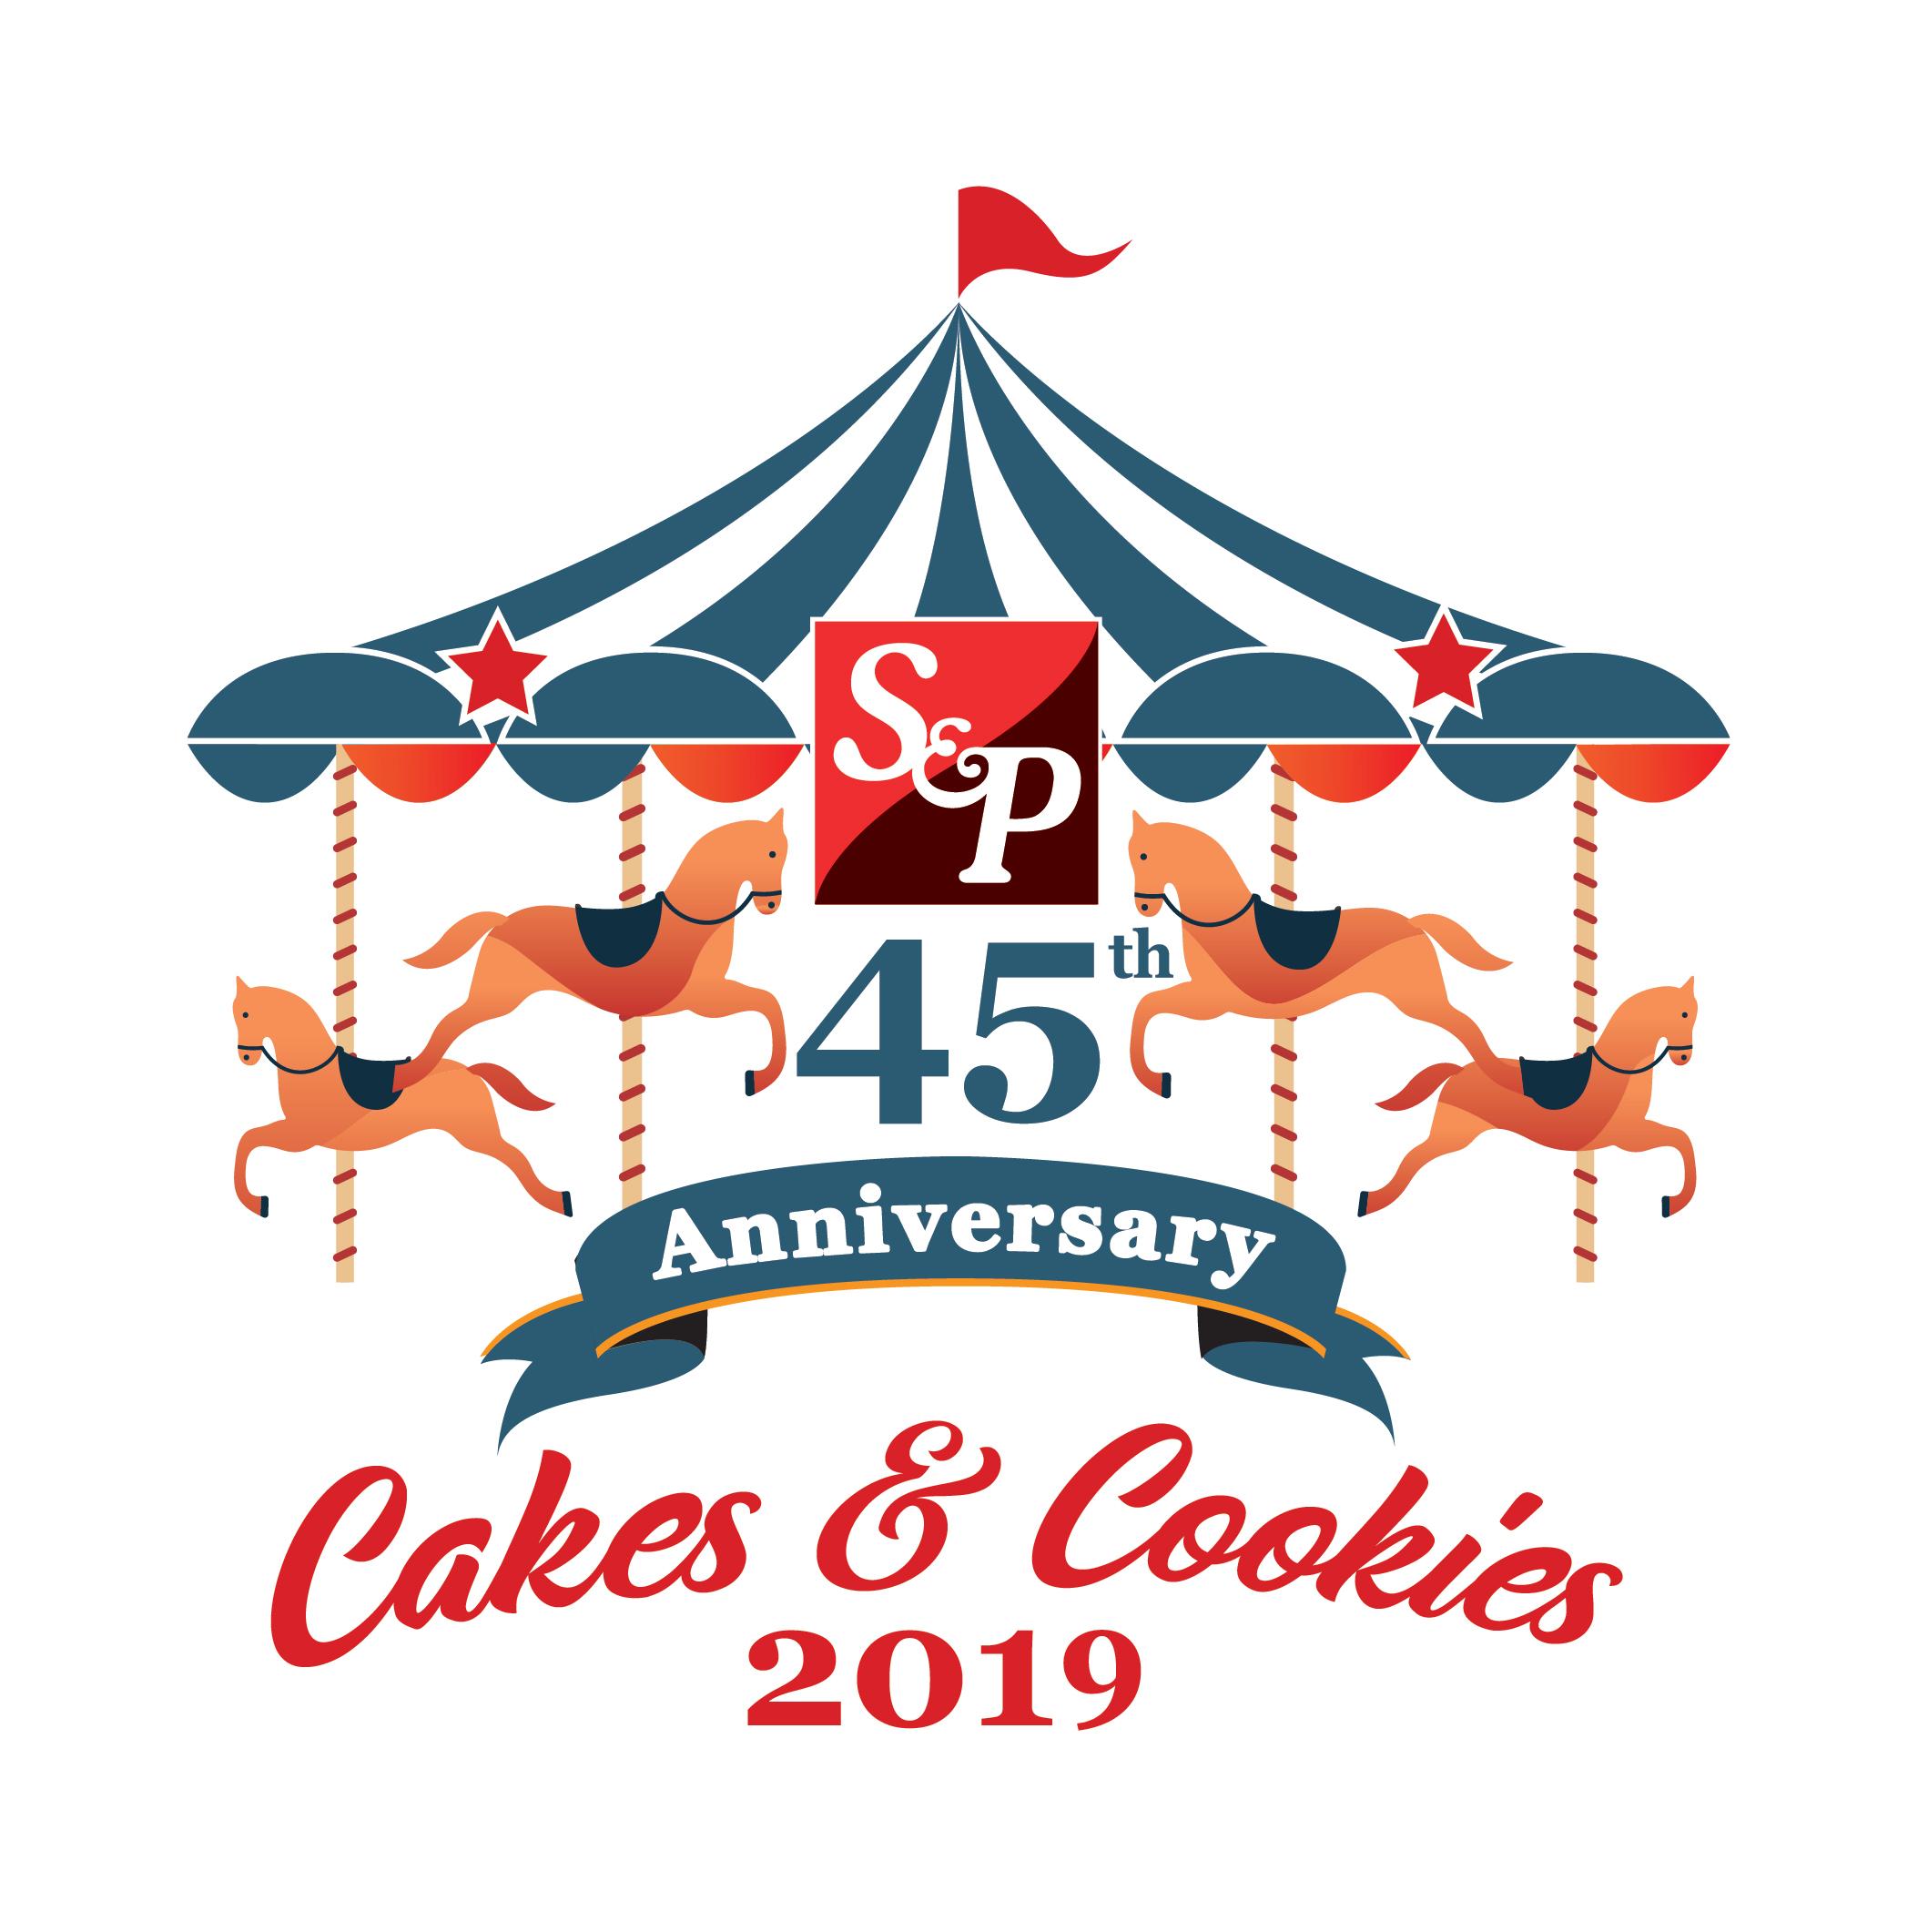 """เอส แอนด์ พี ฉลองครบรอบ 45 ปี จัดงาน """"S&P Cakes & Cookies 2019"""" สำนักพิมพ์แม่บ้าน"""